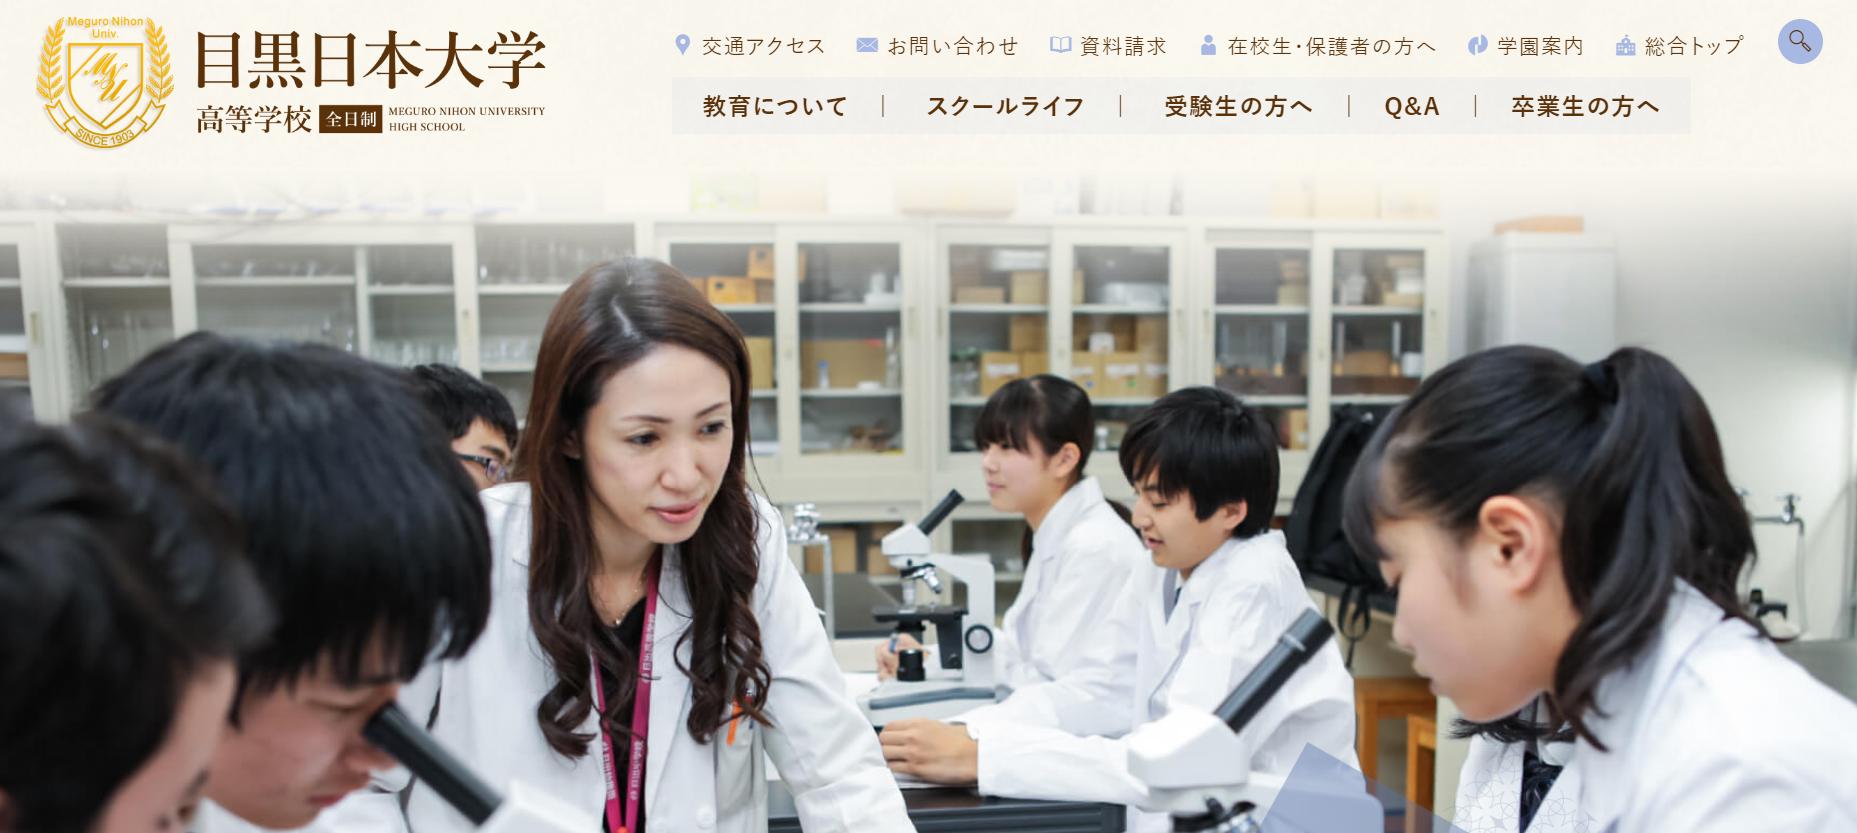 目黒日本大学高校(旧:日出高校)の口コミ・評判